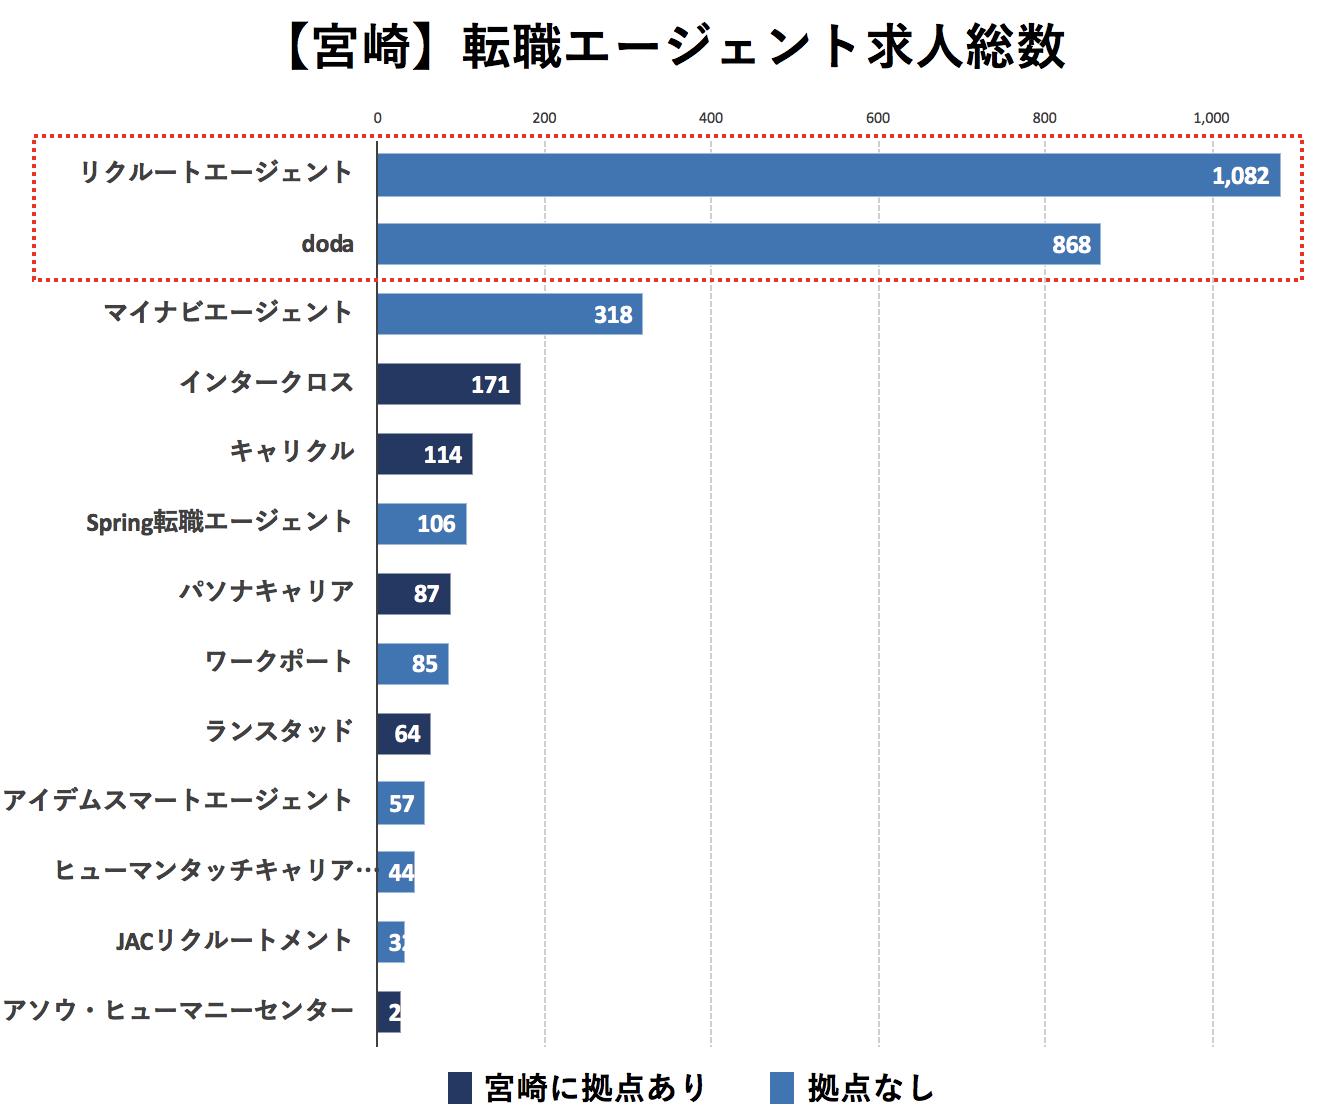 宮崎の転職エージェントの求人数の比較